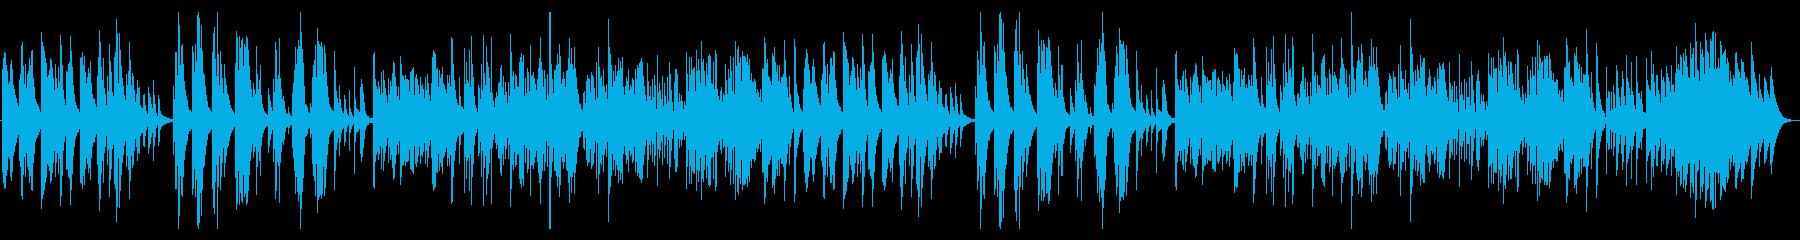 ゲーム・切ないピアノ曲の再生済みの波形